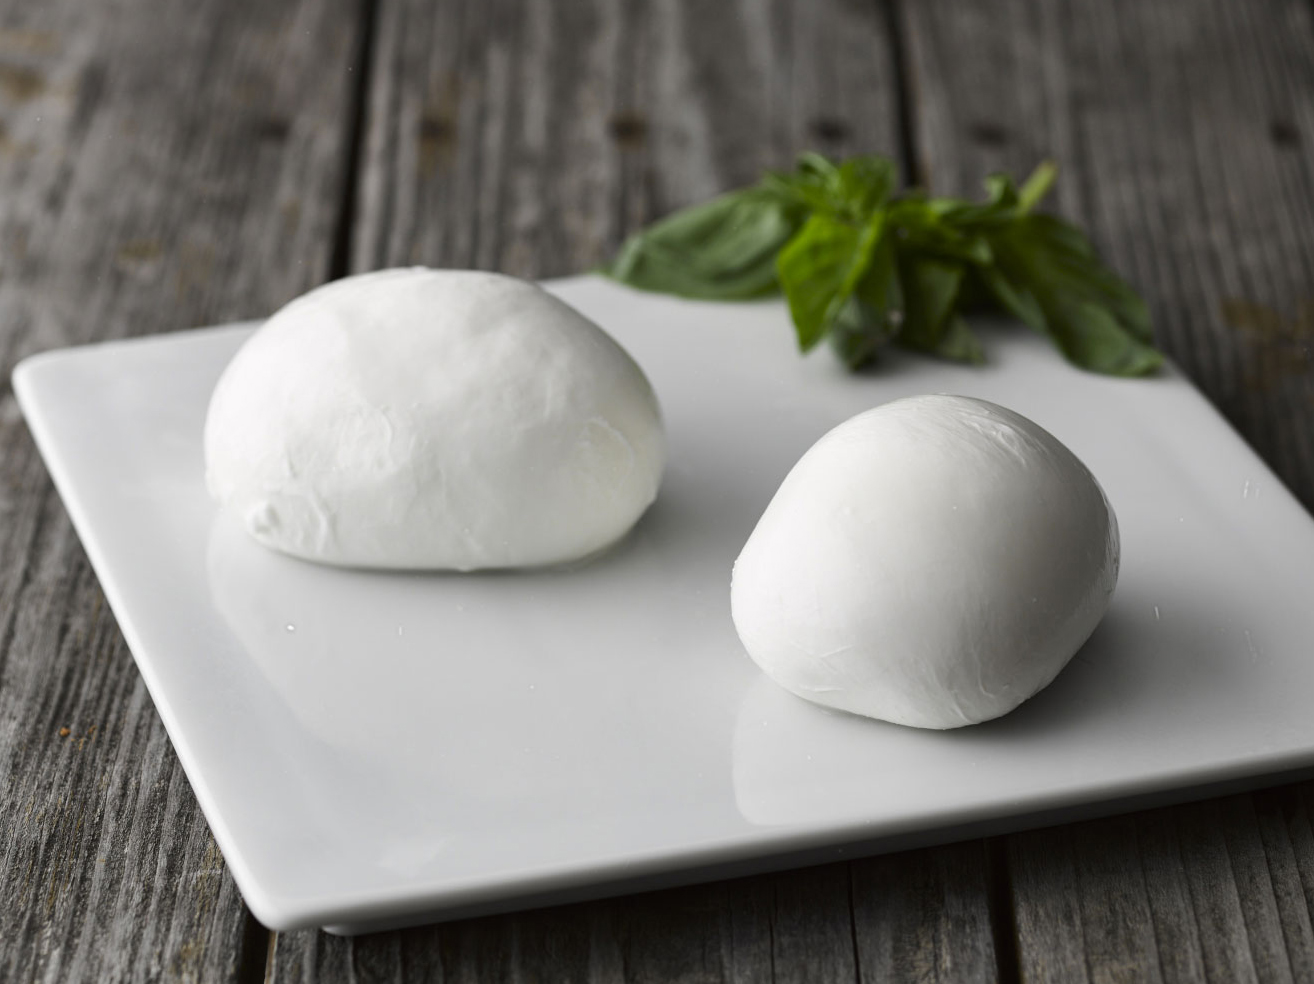 カワバチーズ4種セットの商品詳細イメージ-965